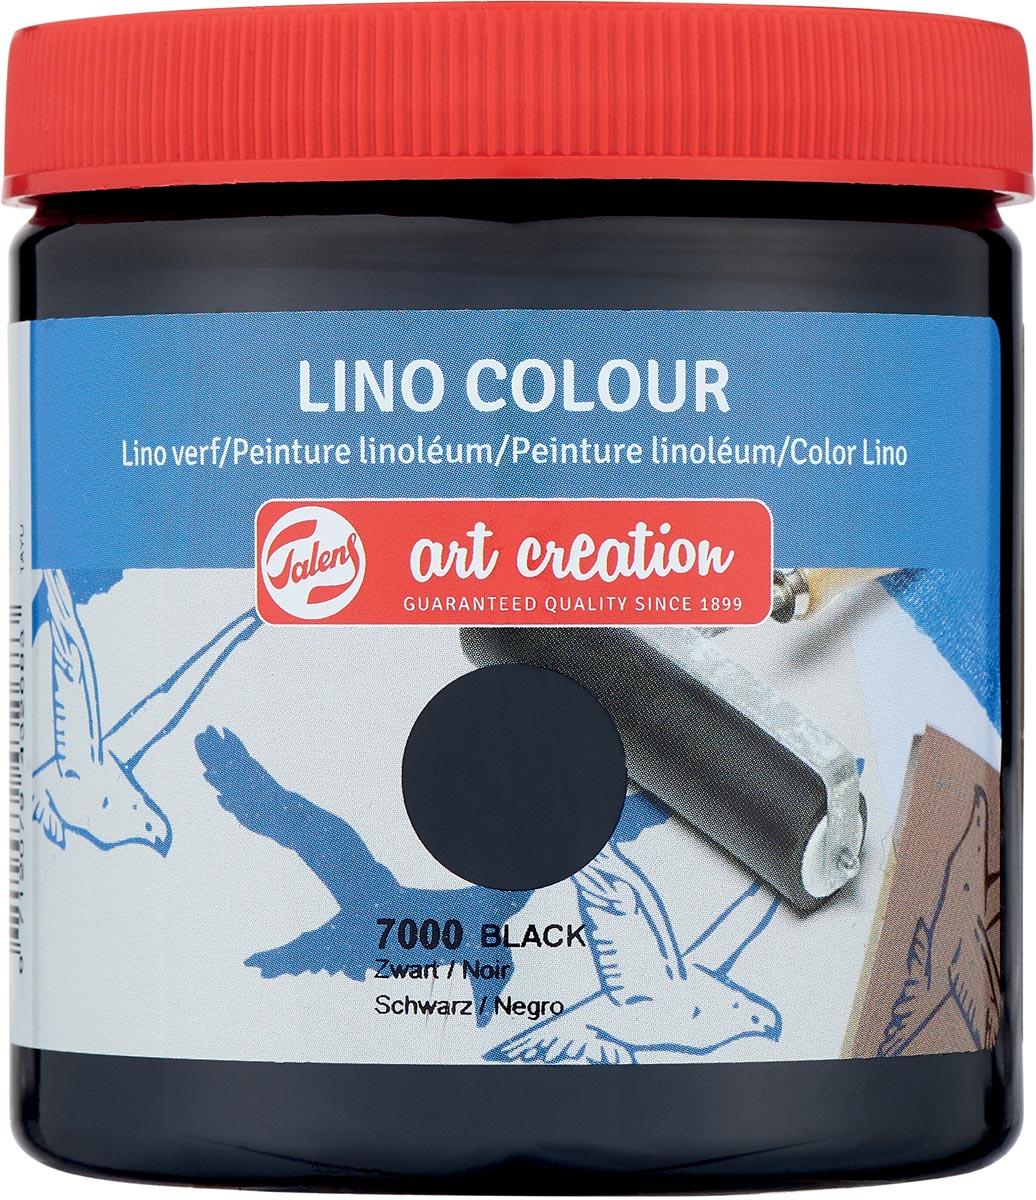 Talens Art Creation lino verf, zwart